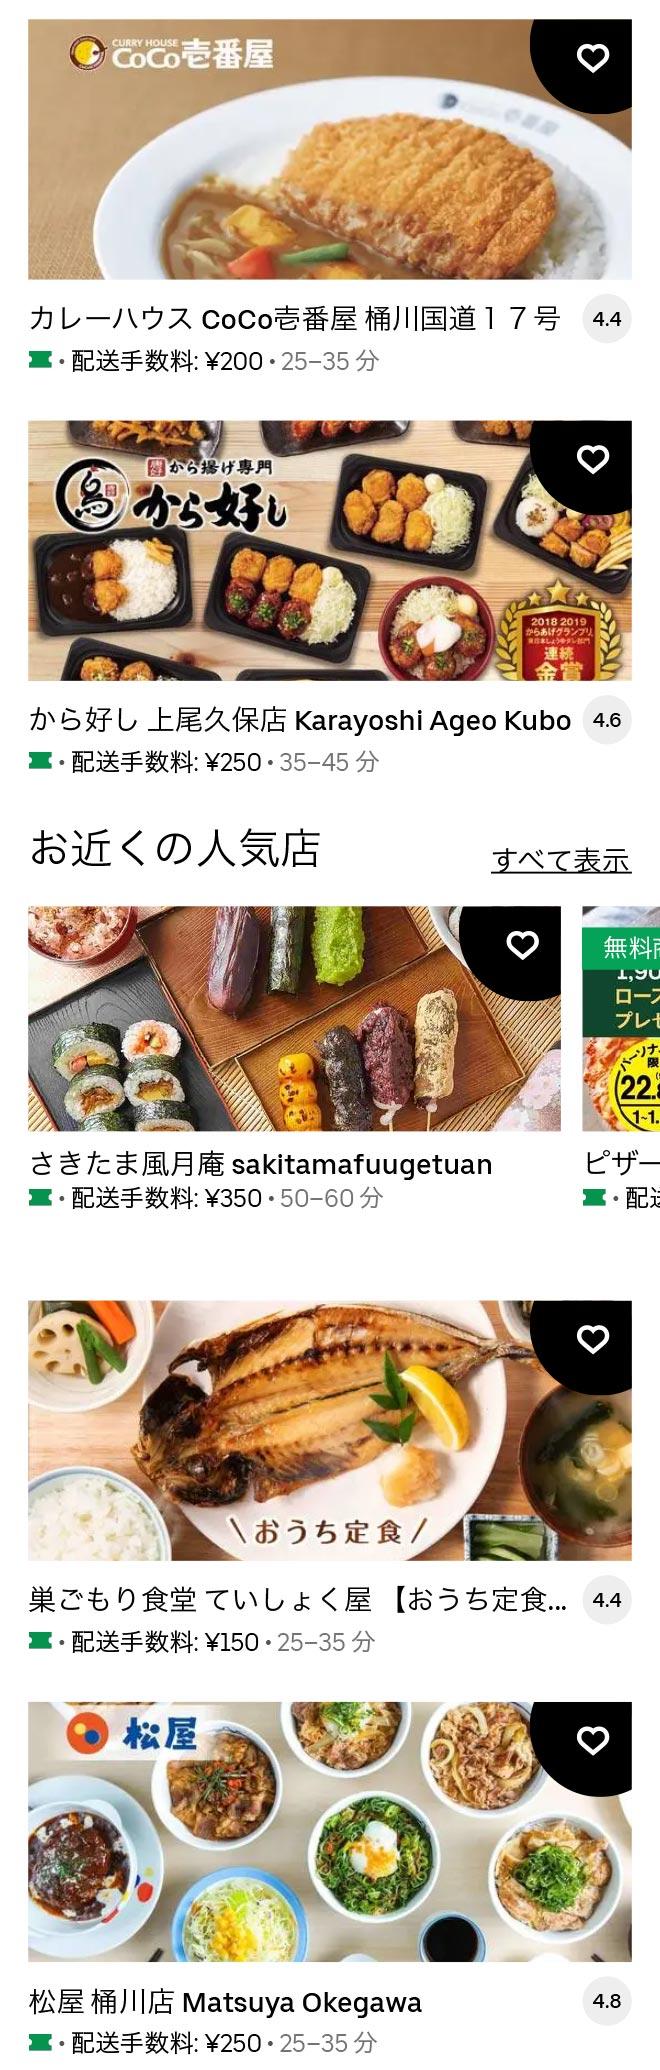 U okegawa 2102 03